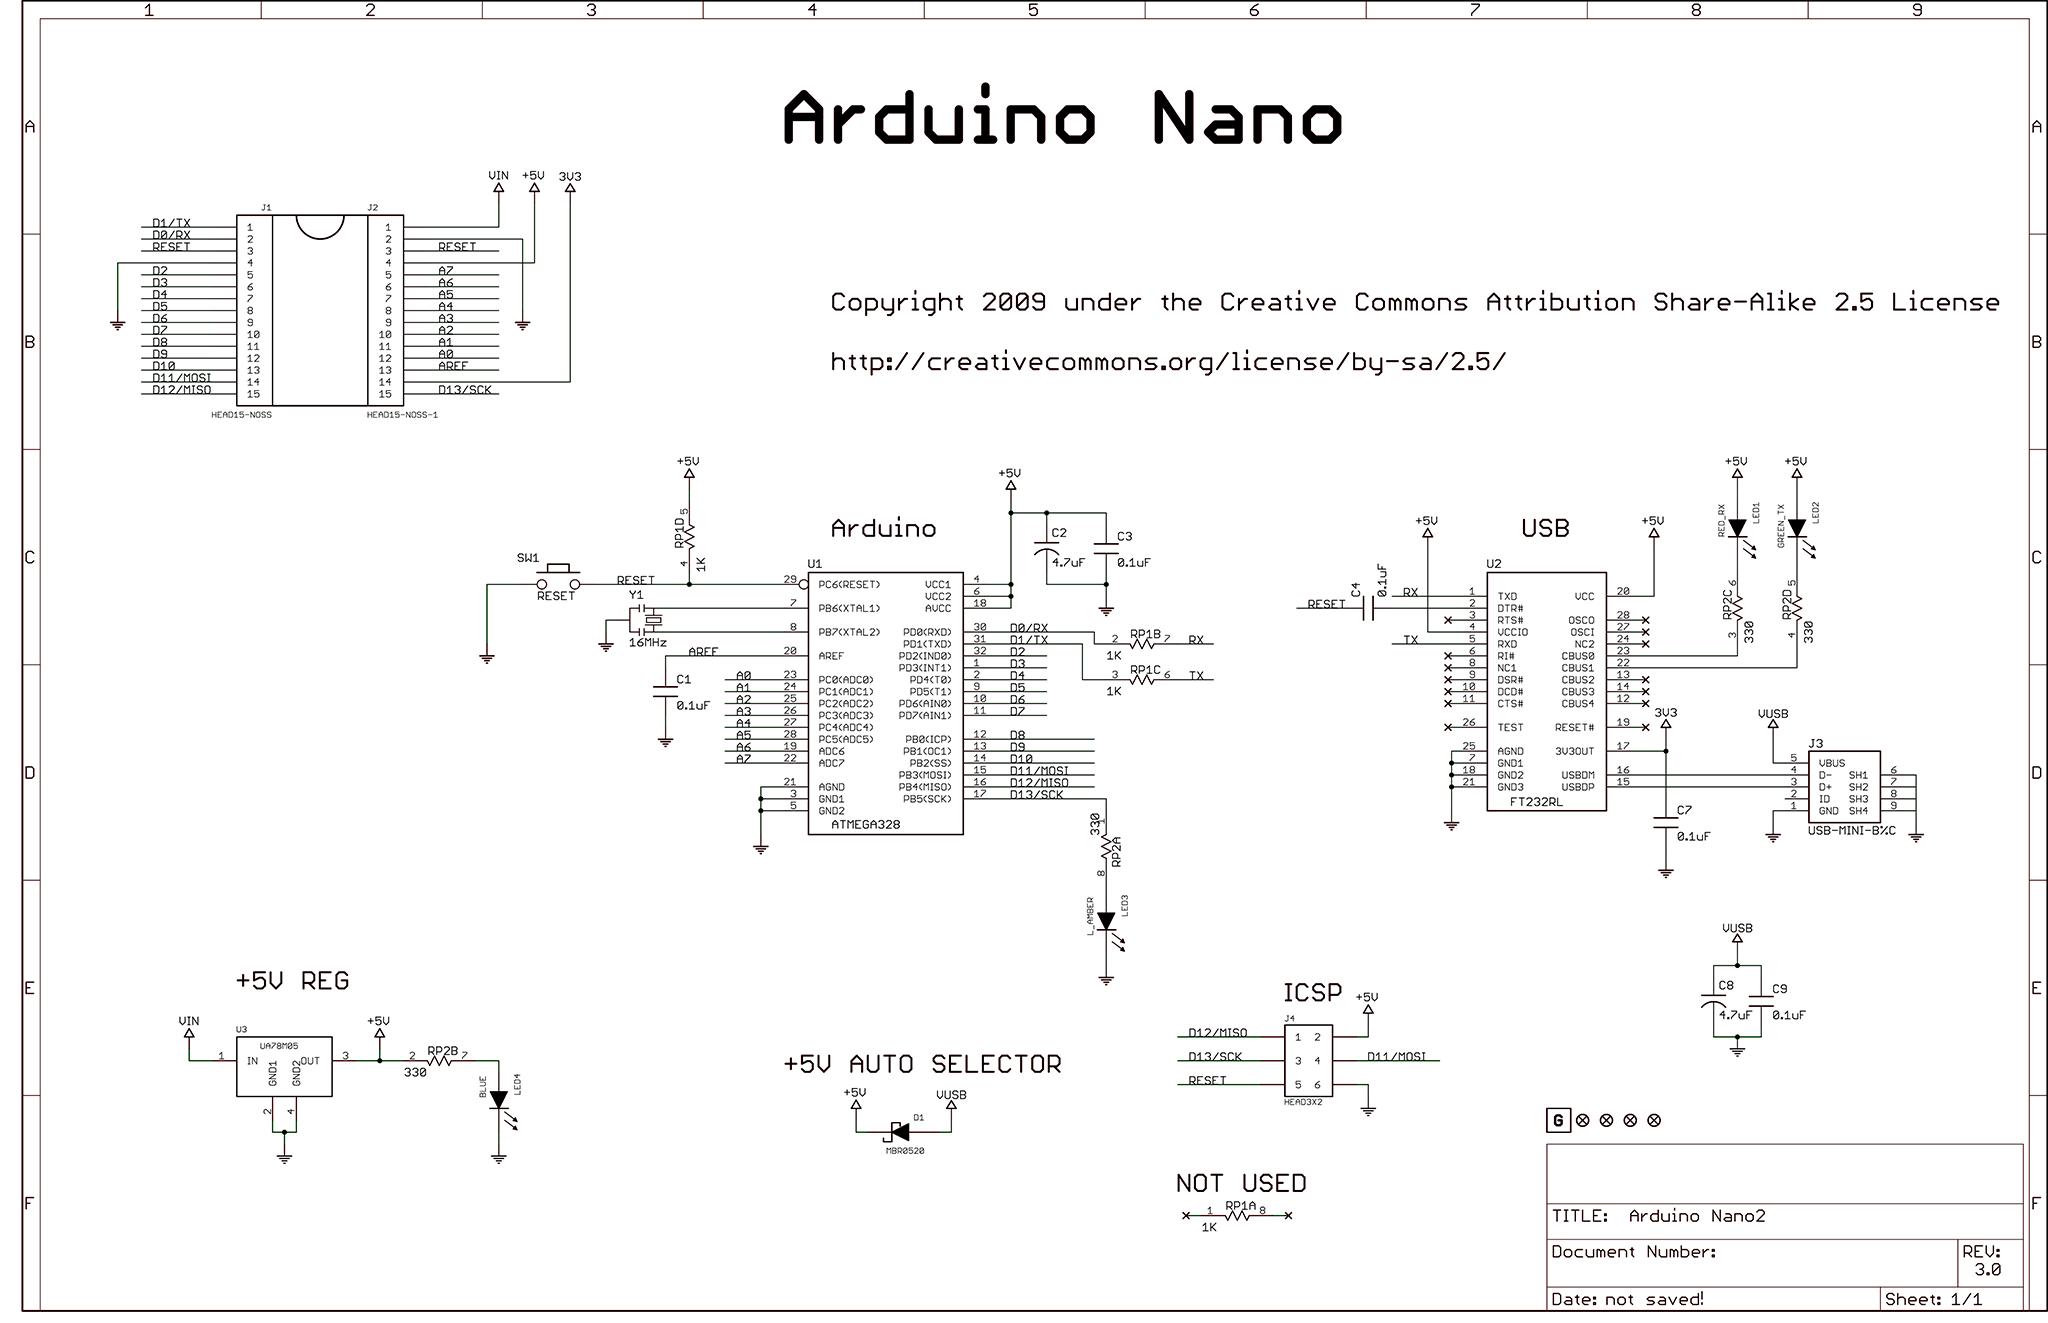 ArduinoBoardDetails - ArduinoInfo on